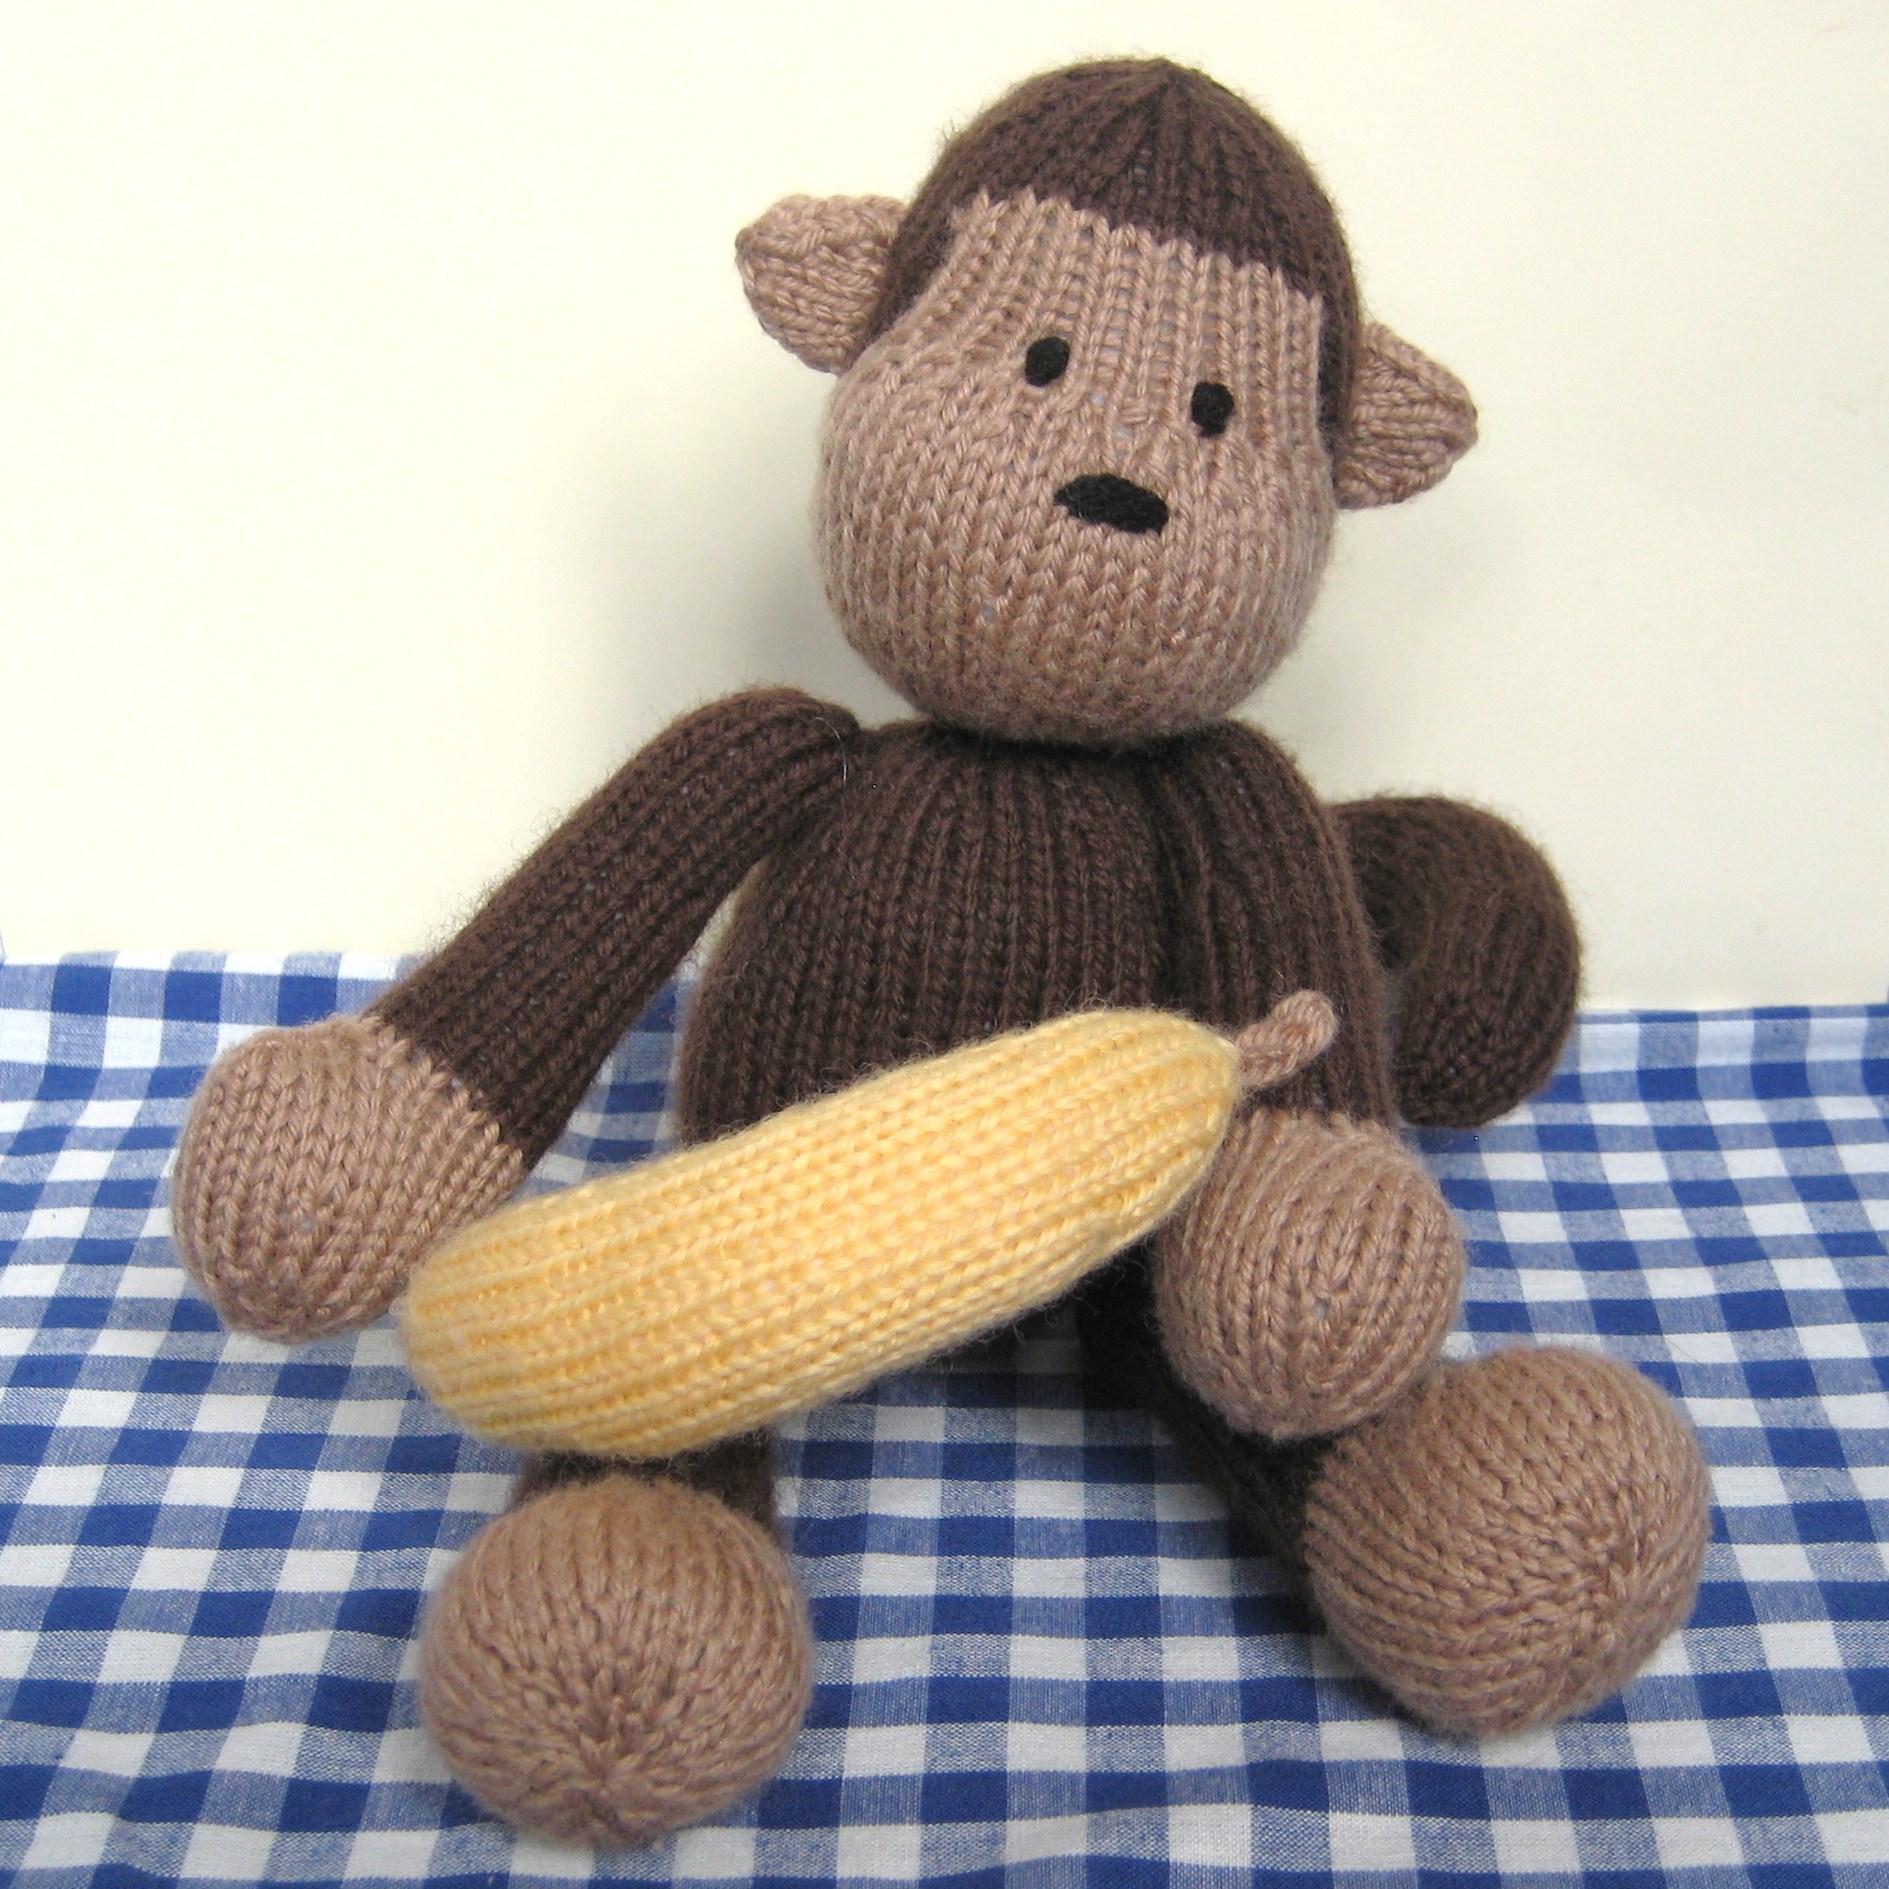 Norwood monkey knitting pattern